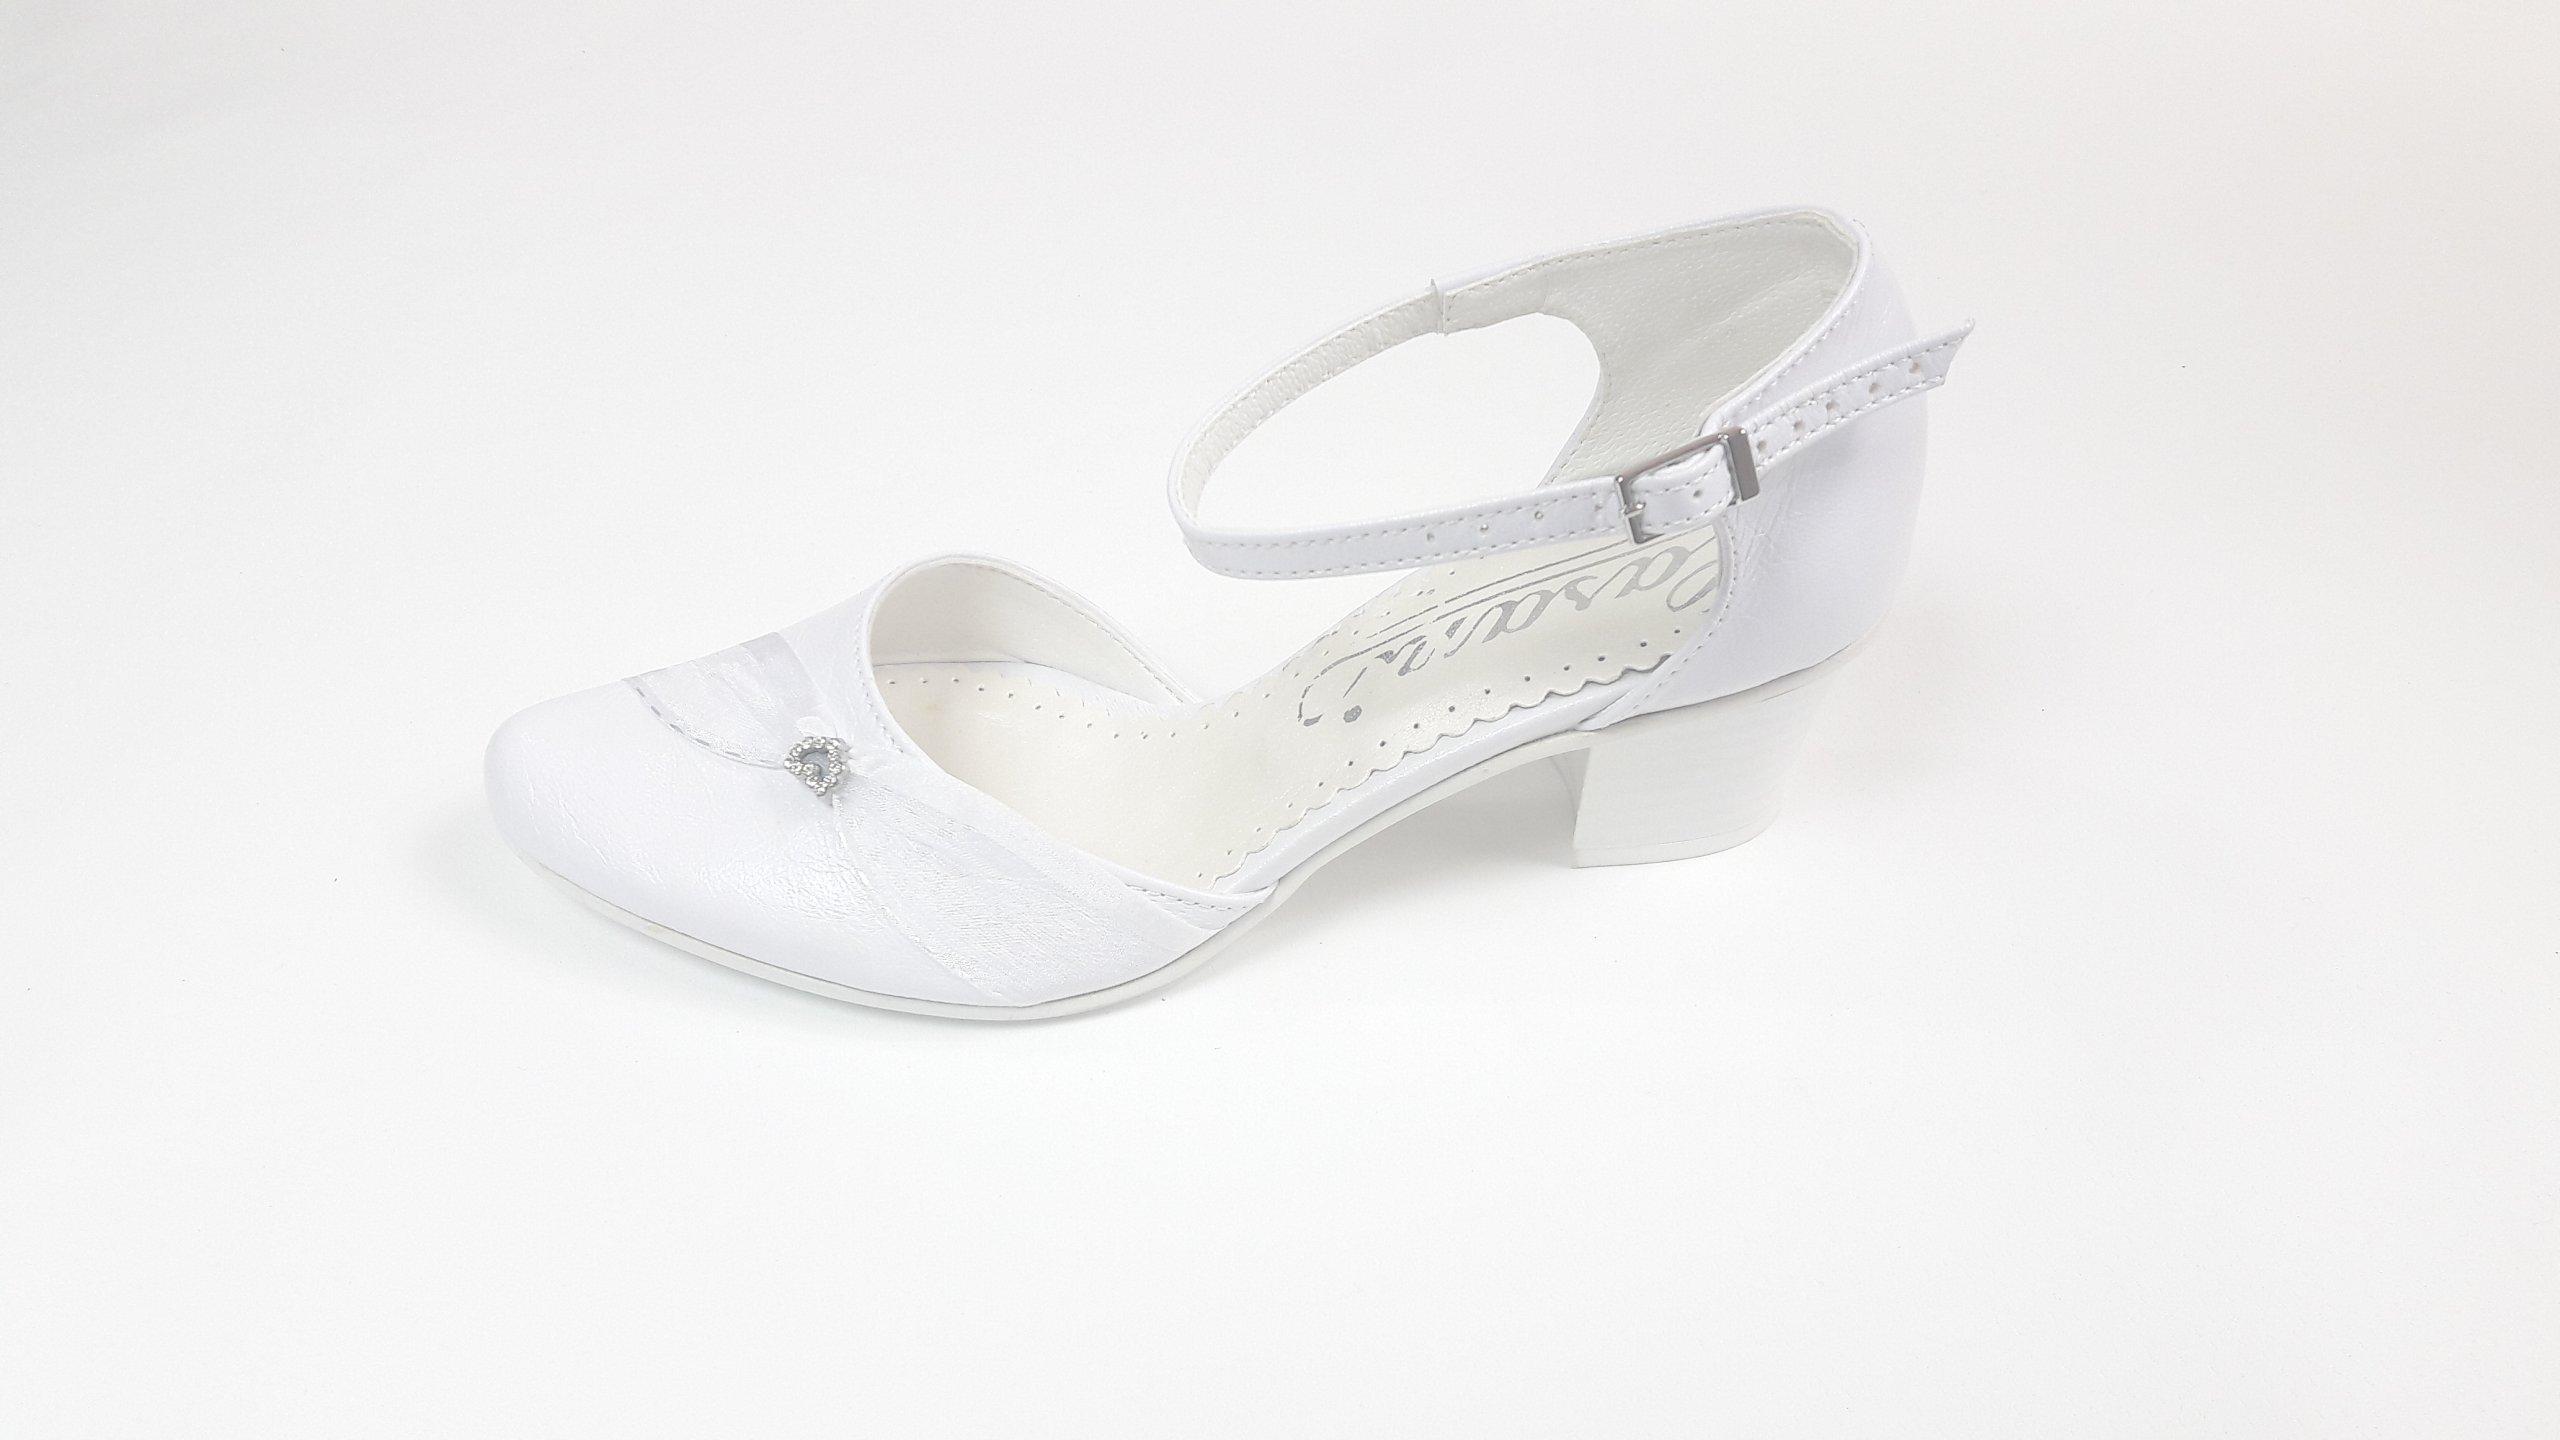 43f1ff48 buty damskie obuwie ślubne białe ślub 35 komunia 7235209945 - Allegro.pl